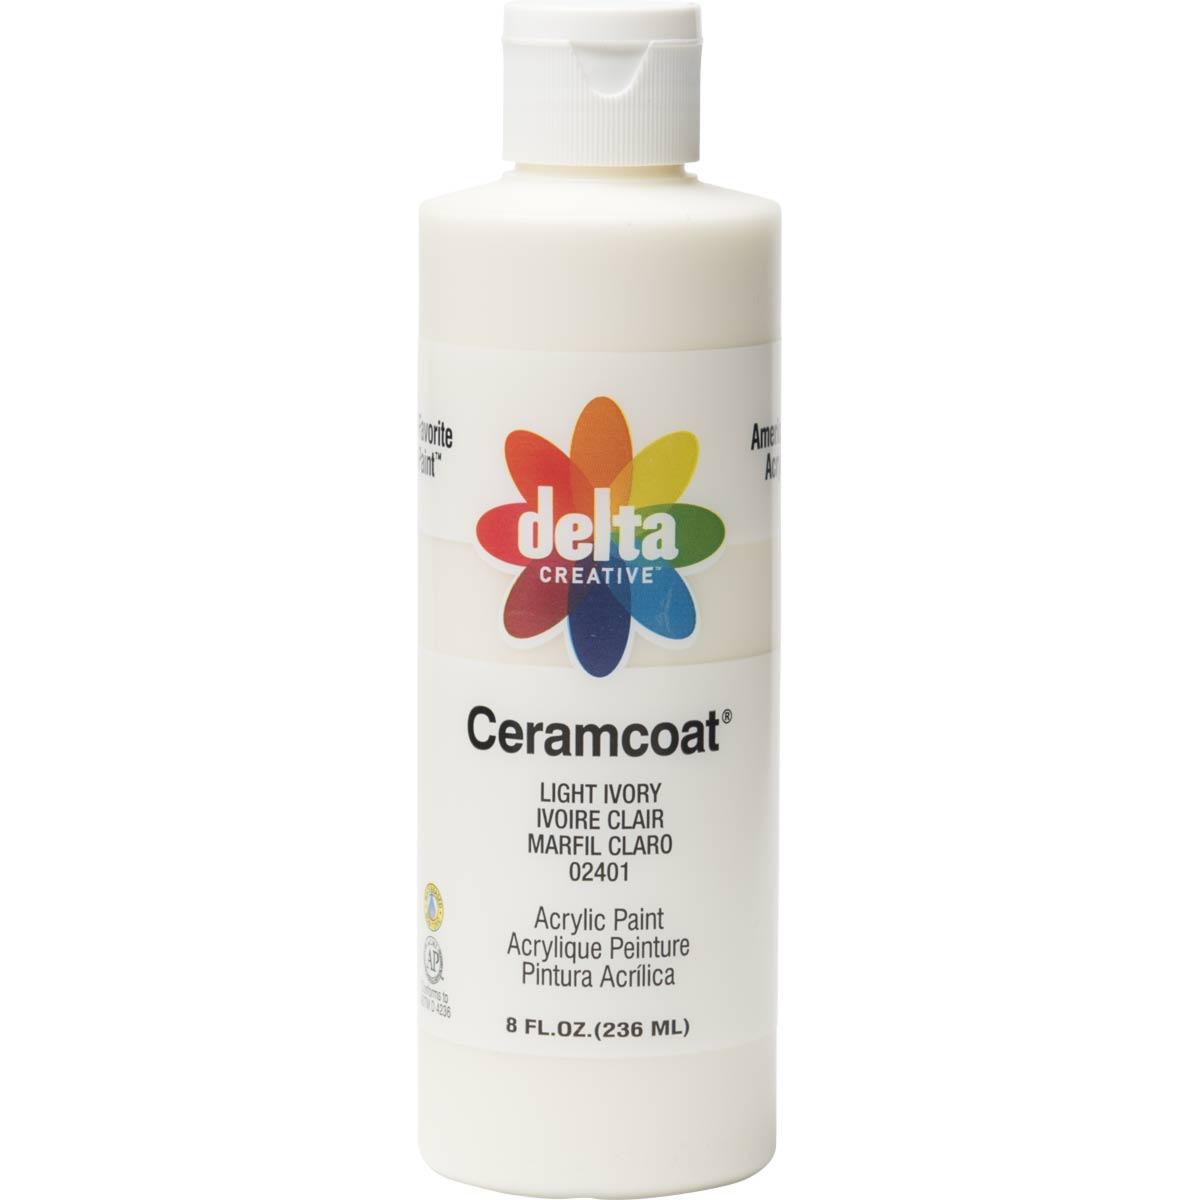 Delta Ceramcoat ® Acrylic Paint - Light Ivory, 8 oz.